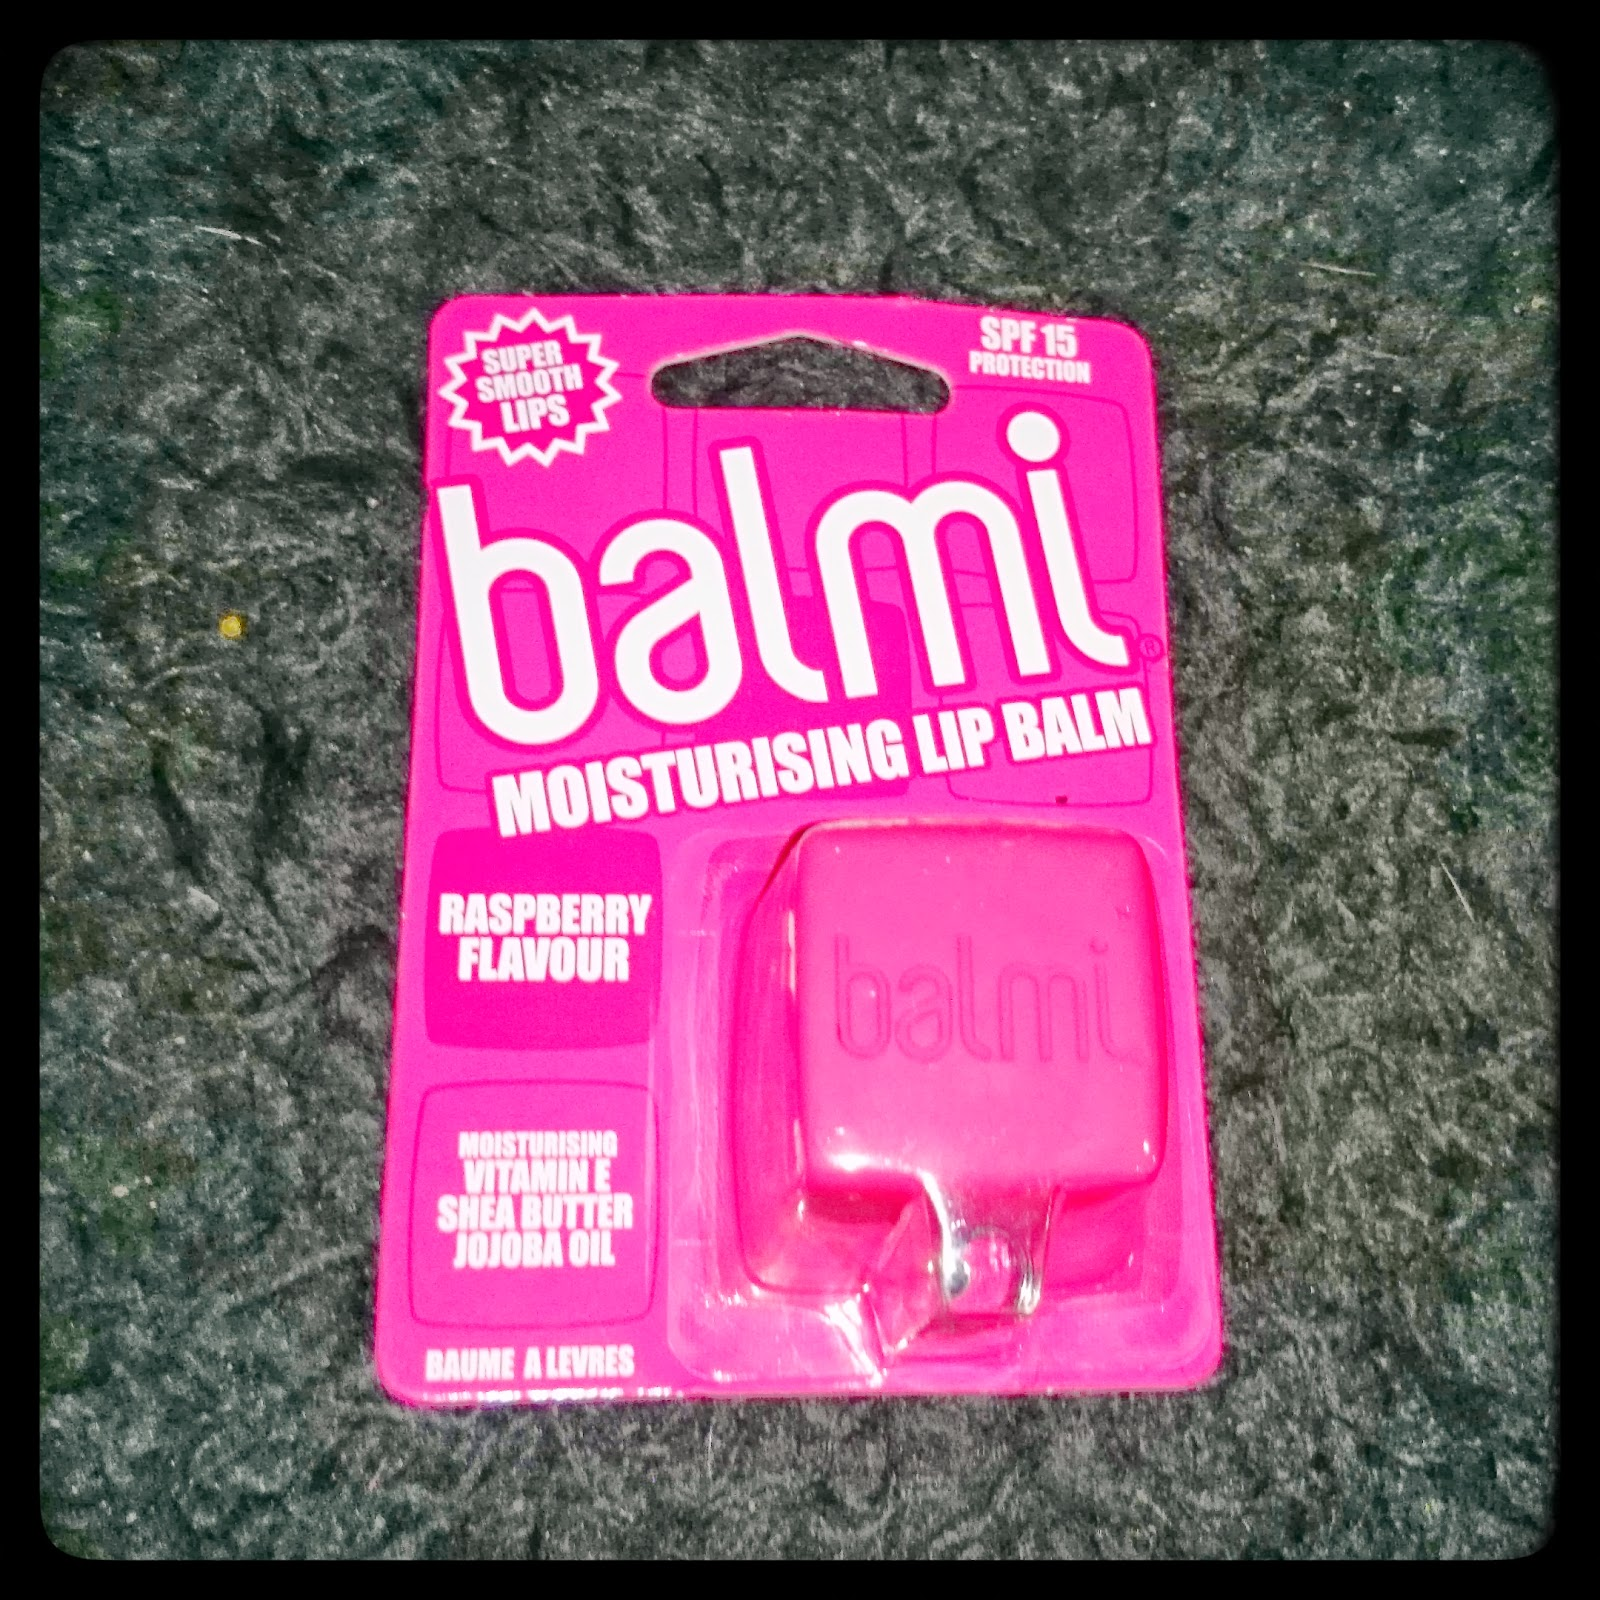 http://www.balmi.co.uk/